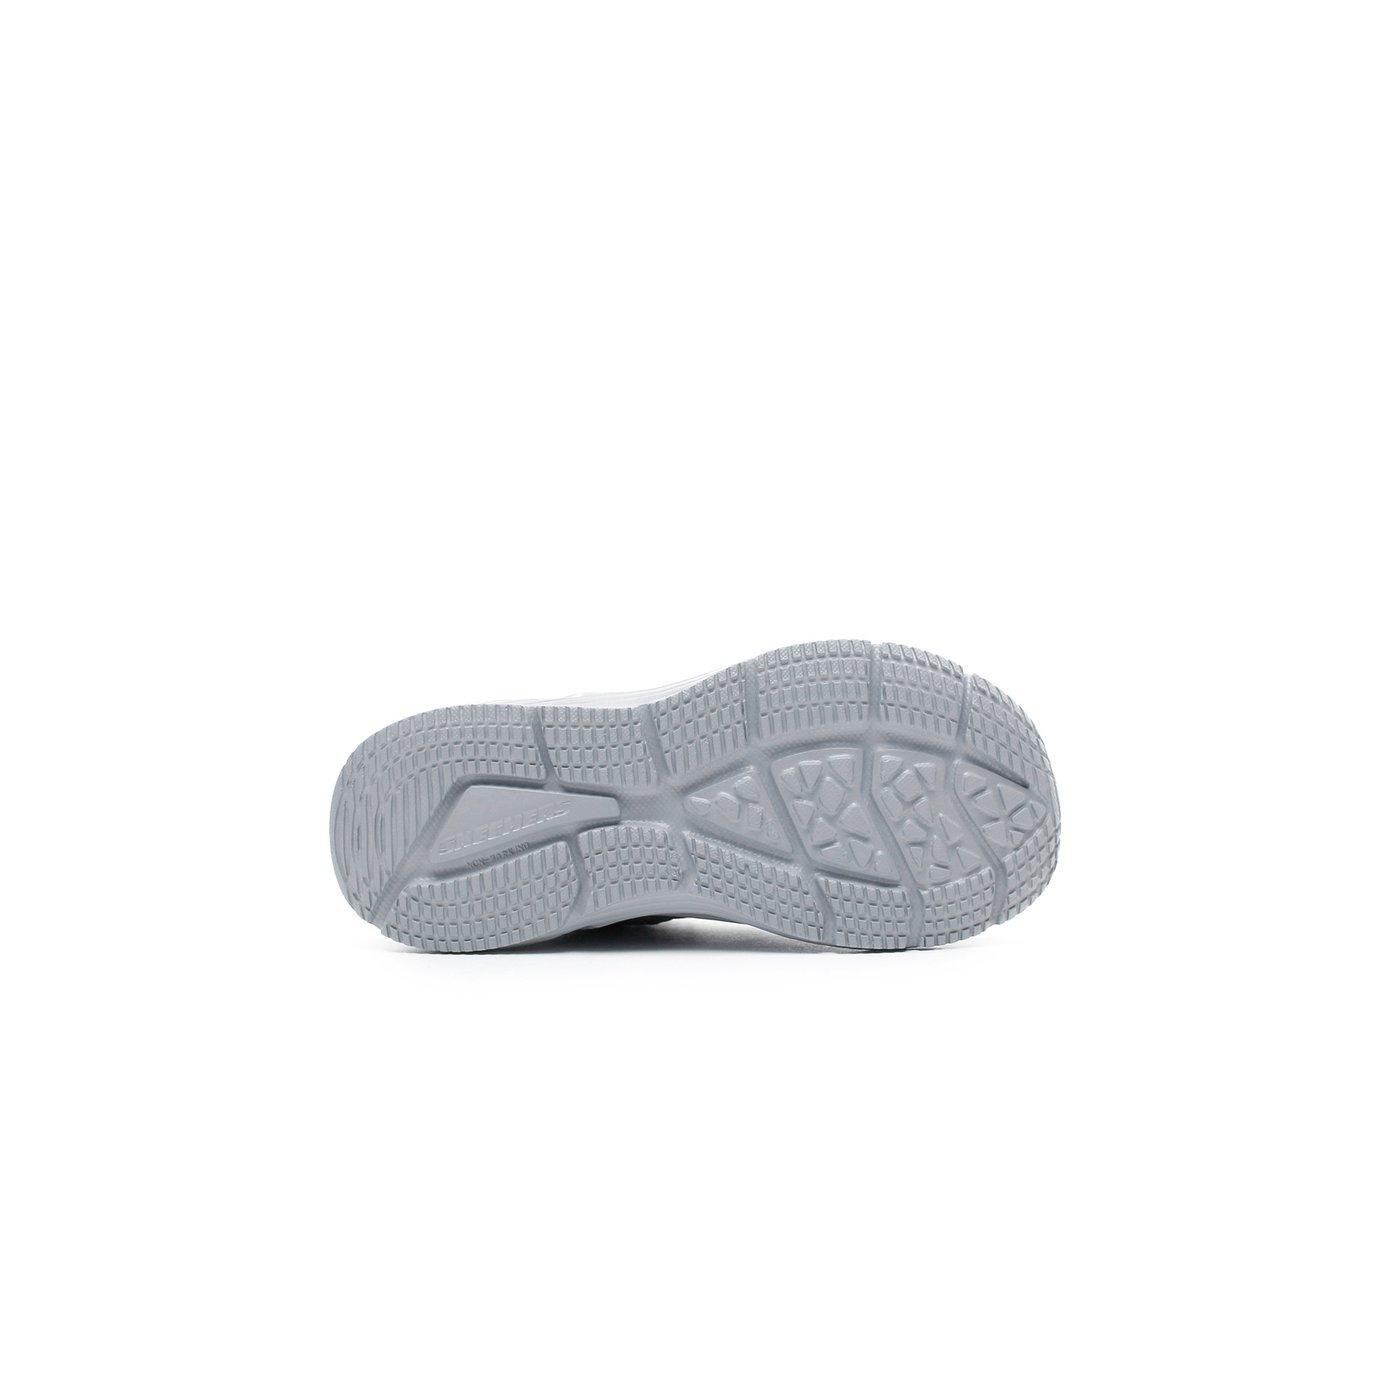 Skechers Dyna-Air Gri Çocuk Spor Ayakkabı